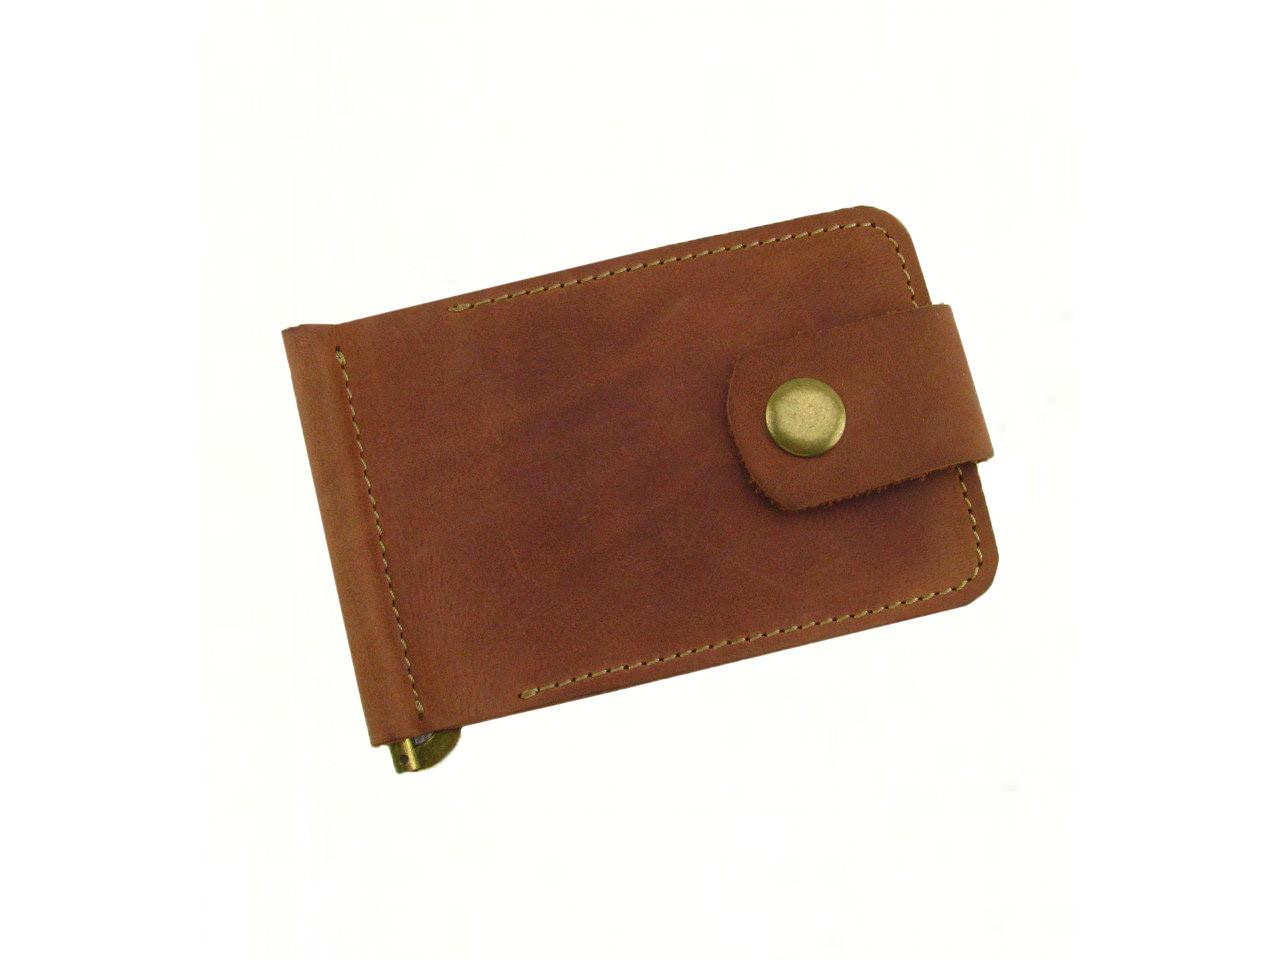 Кожаный мужской кошелек зажим для купюр GS коньячного рыжего цвета